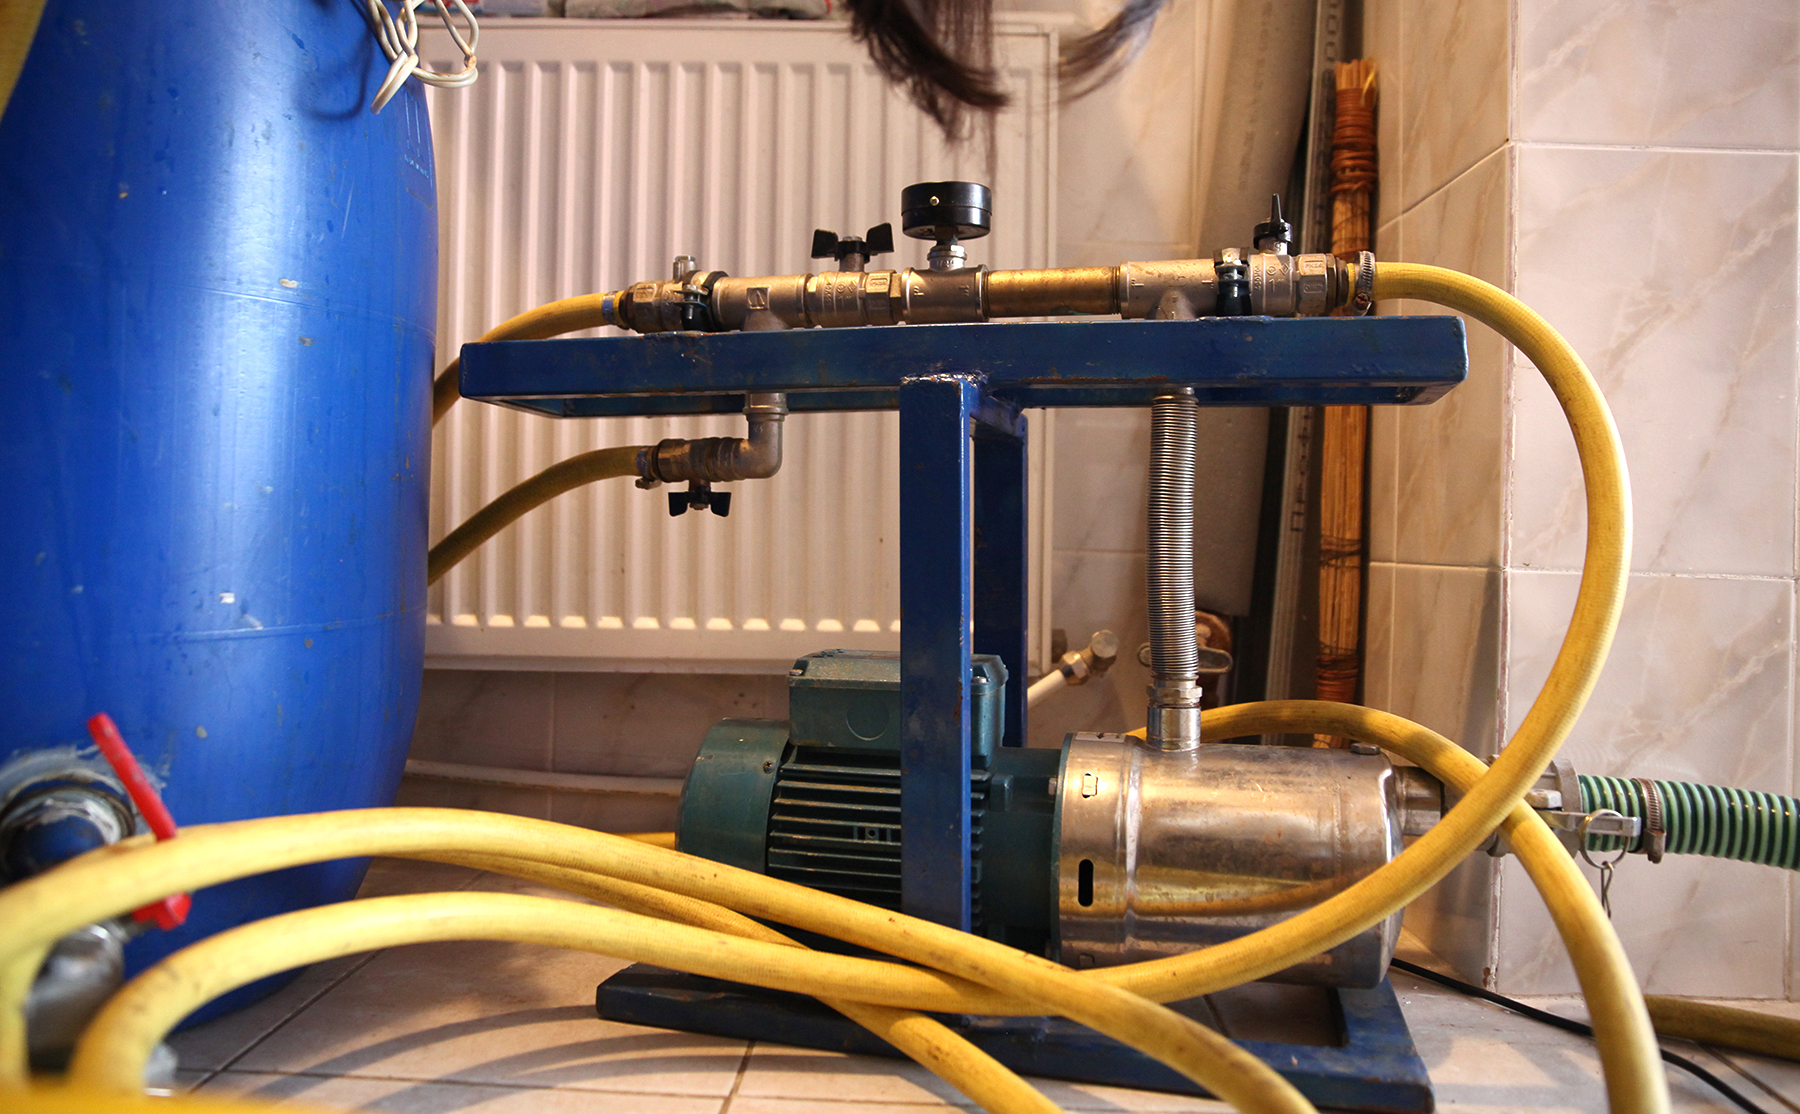 Промывка отопления своими руками: гидравлическая, гидропневматическая, химическая, их правила, периодичность